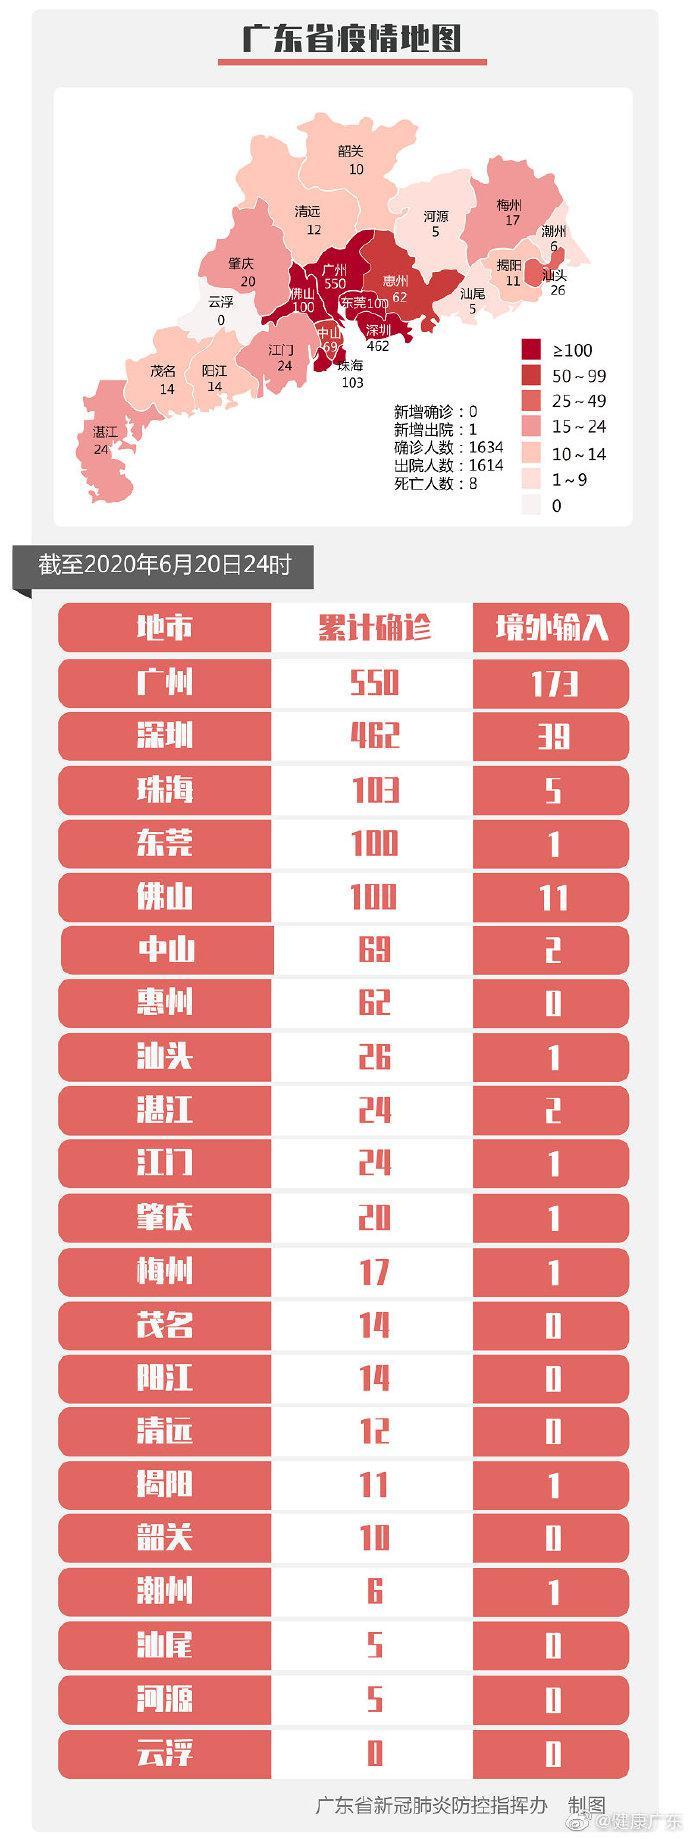 6月20日广东全省无新增确诊病例图片